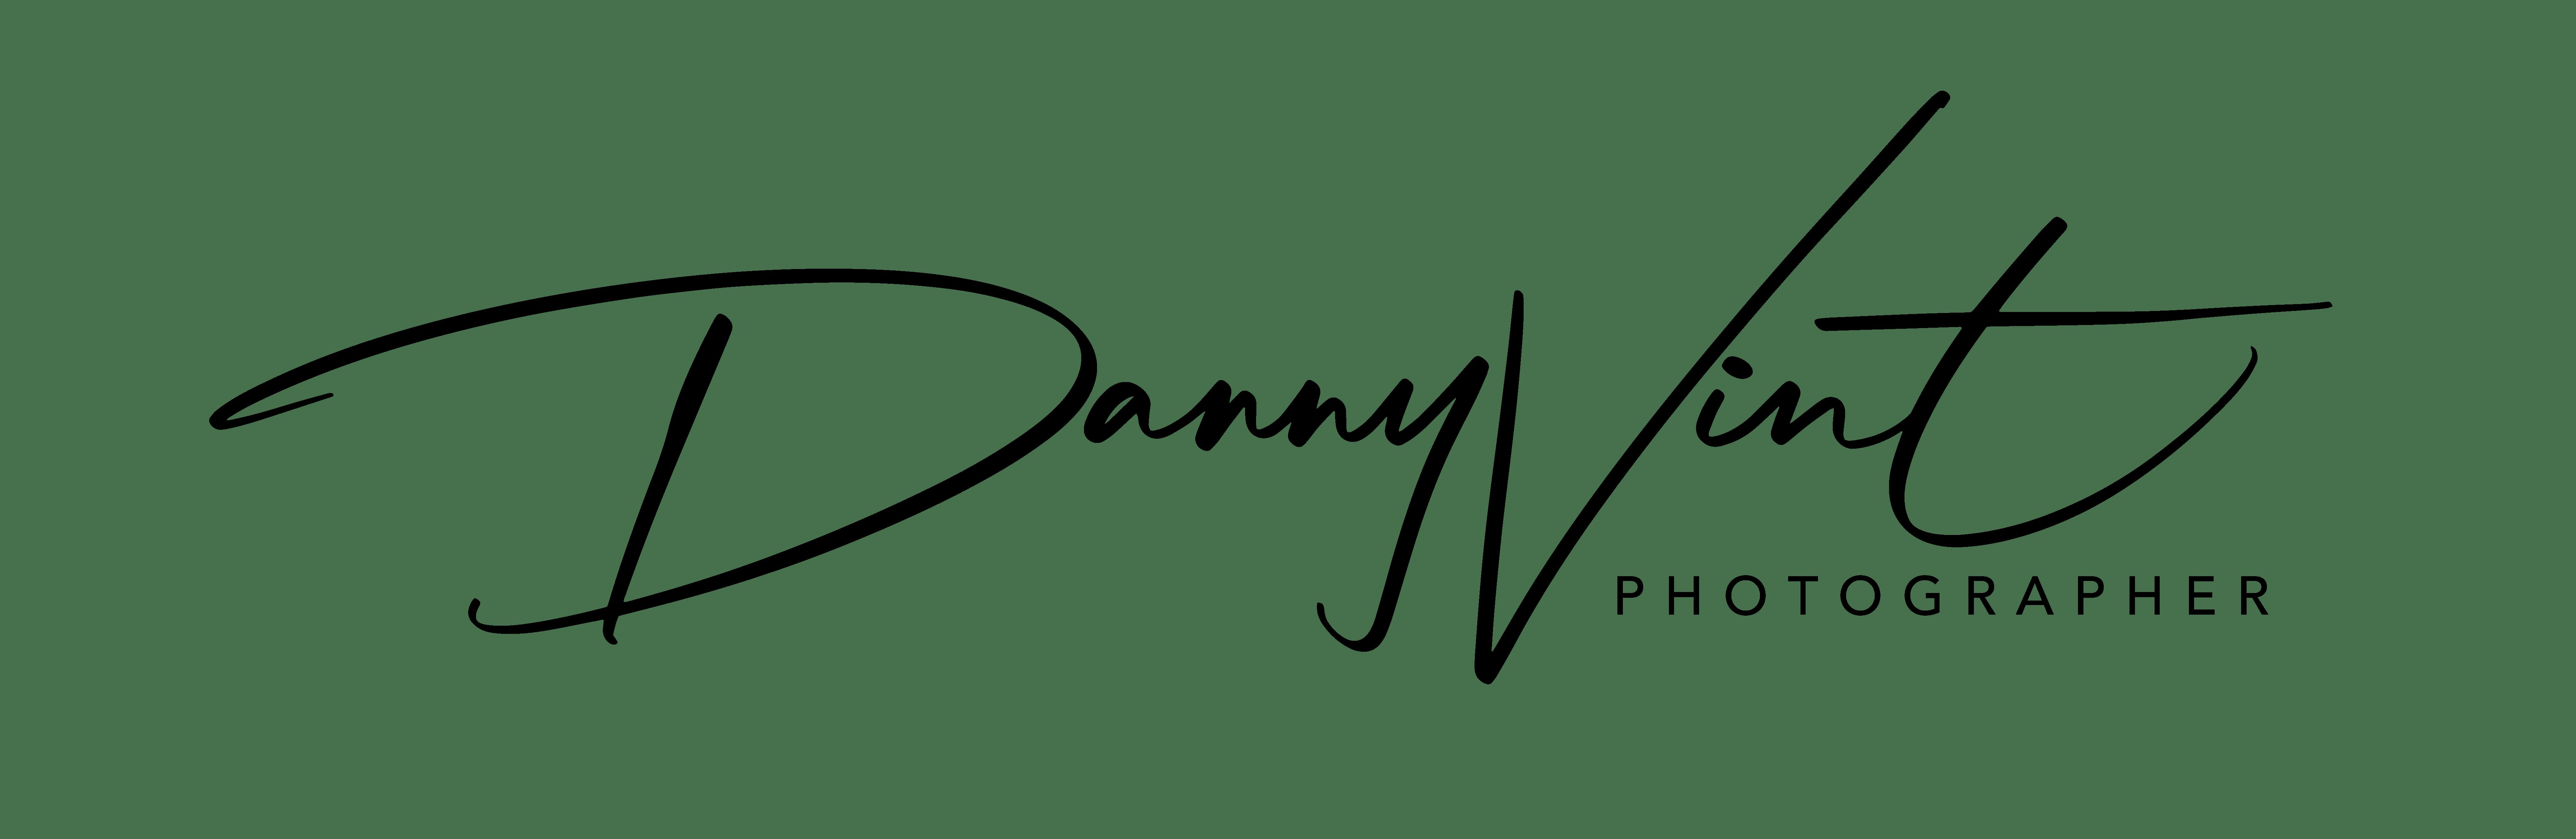 Danny Vint